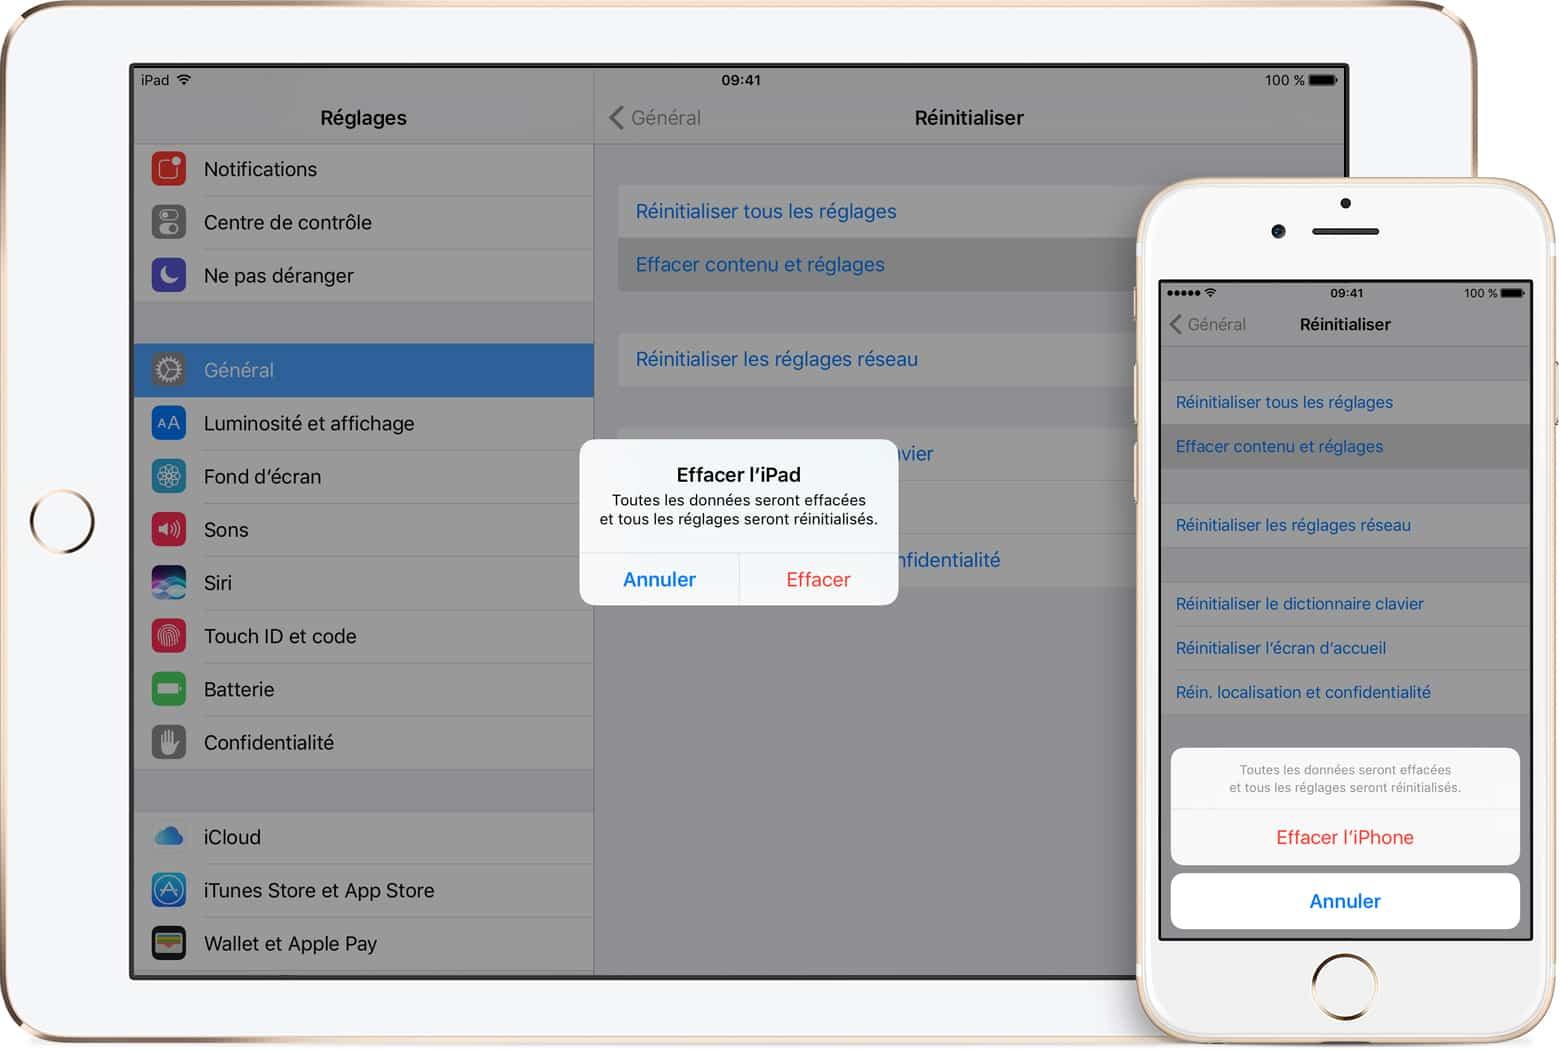 Procédure à suivre avant de vendre ou de céder votre iPhone, iPad ou iPod touch